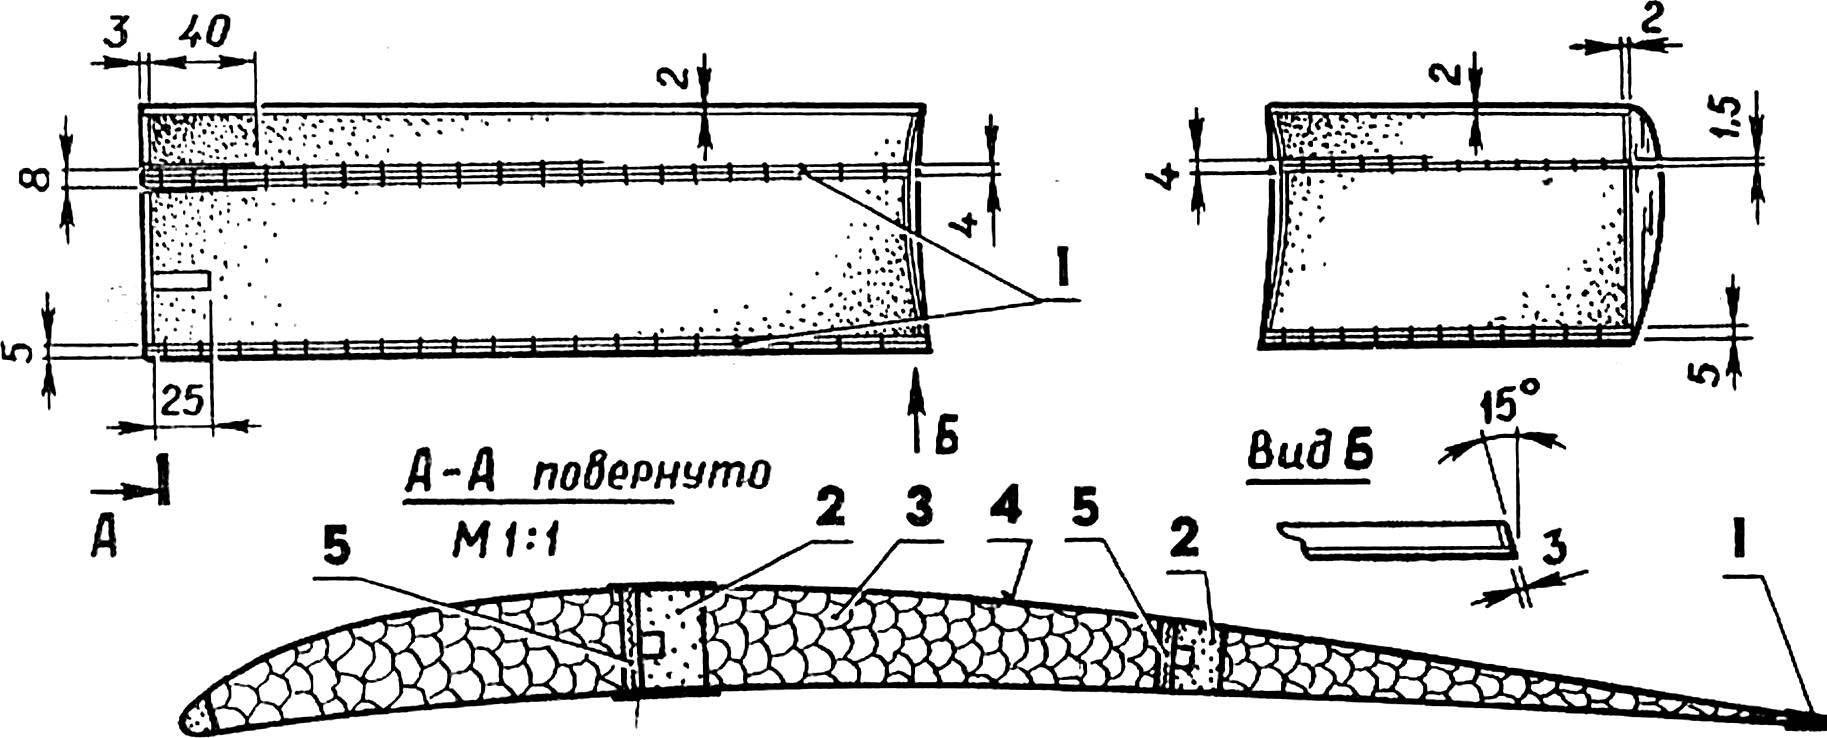 Композитное крыло для таймерной авиамодели (размерения крыла соответствуют бальзовому варианту).